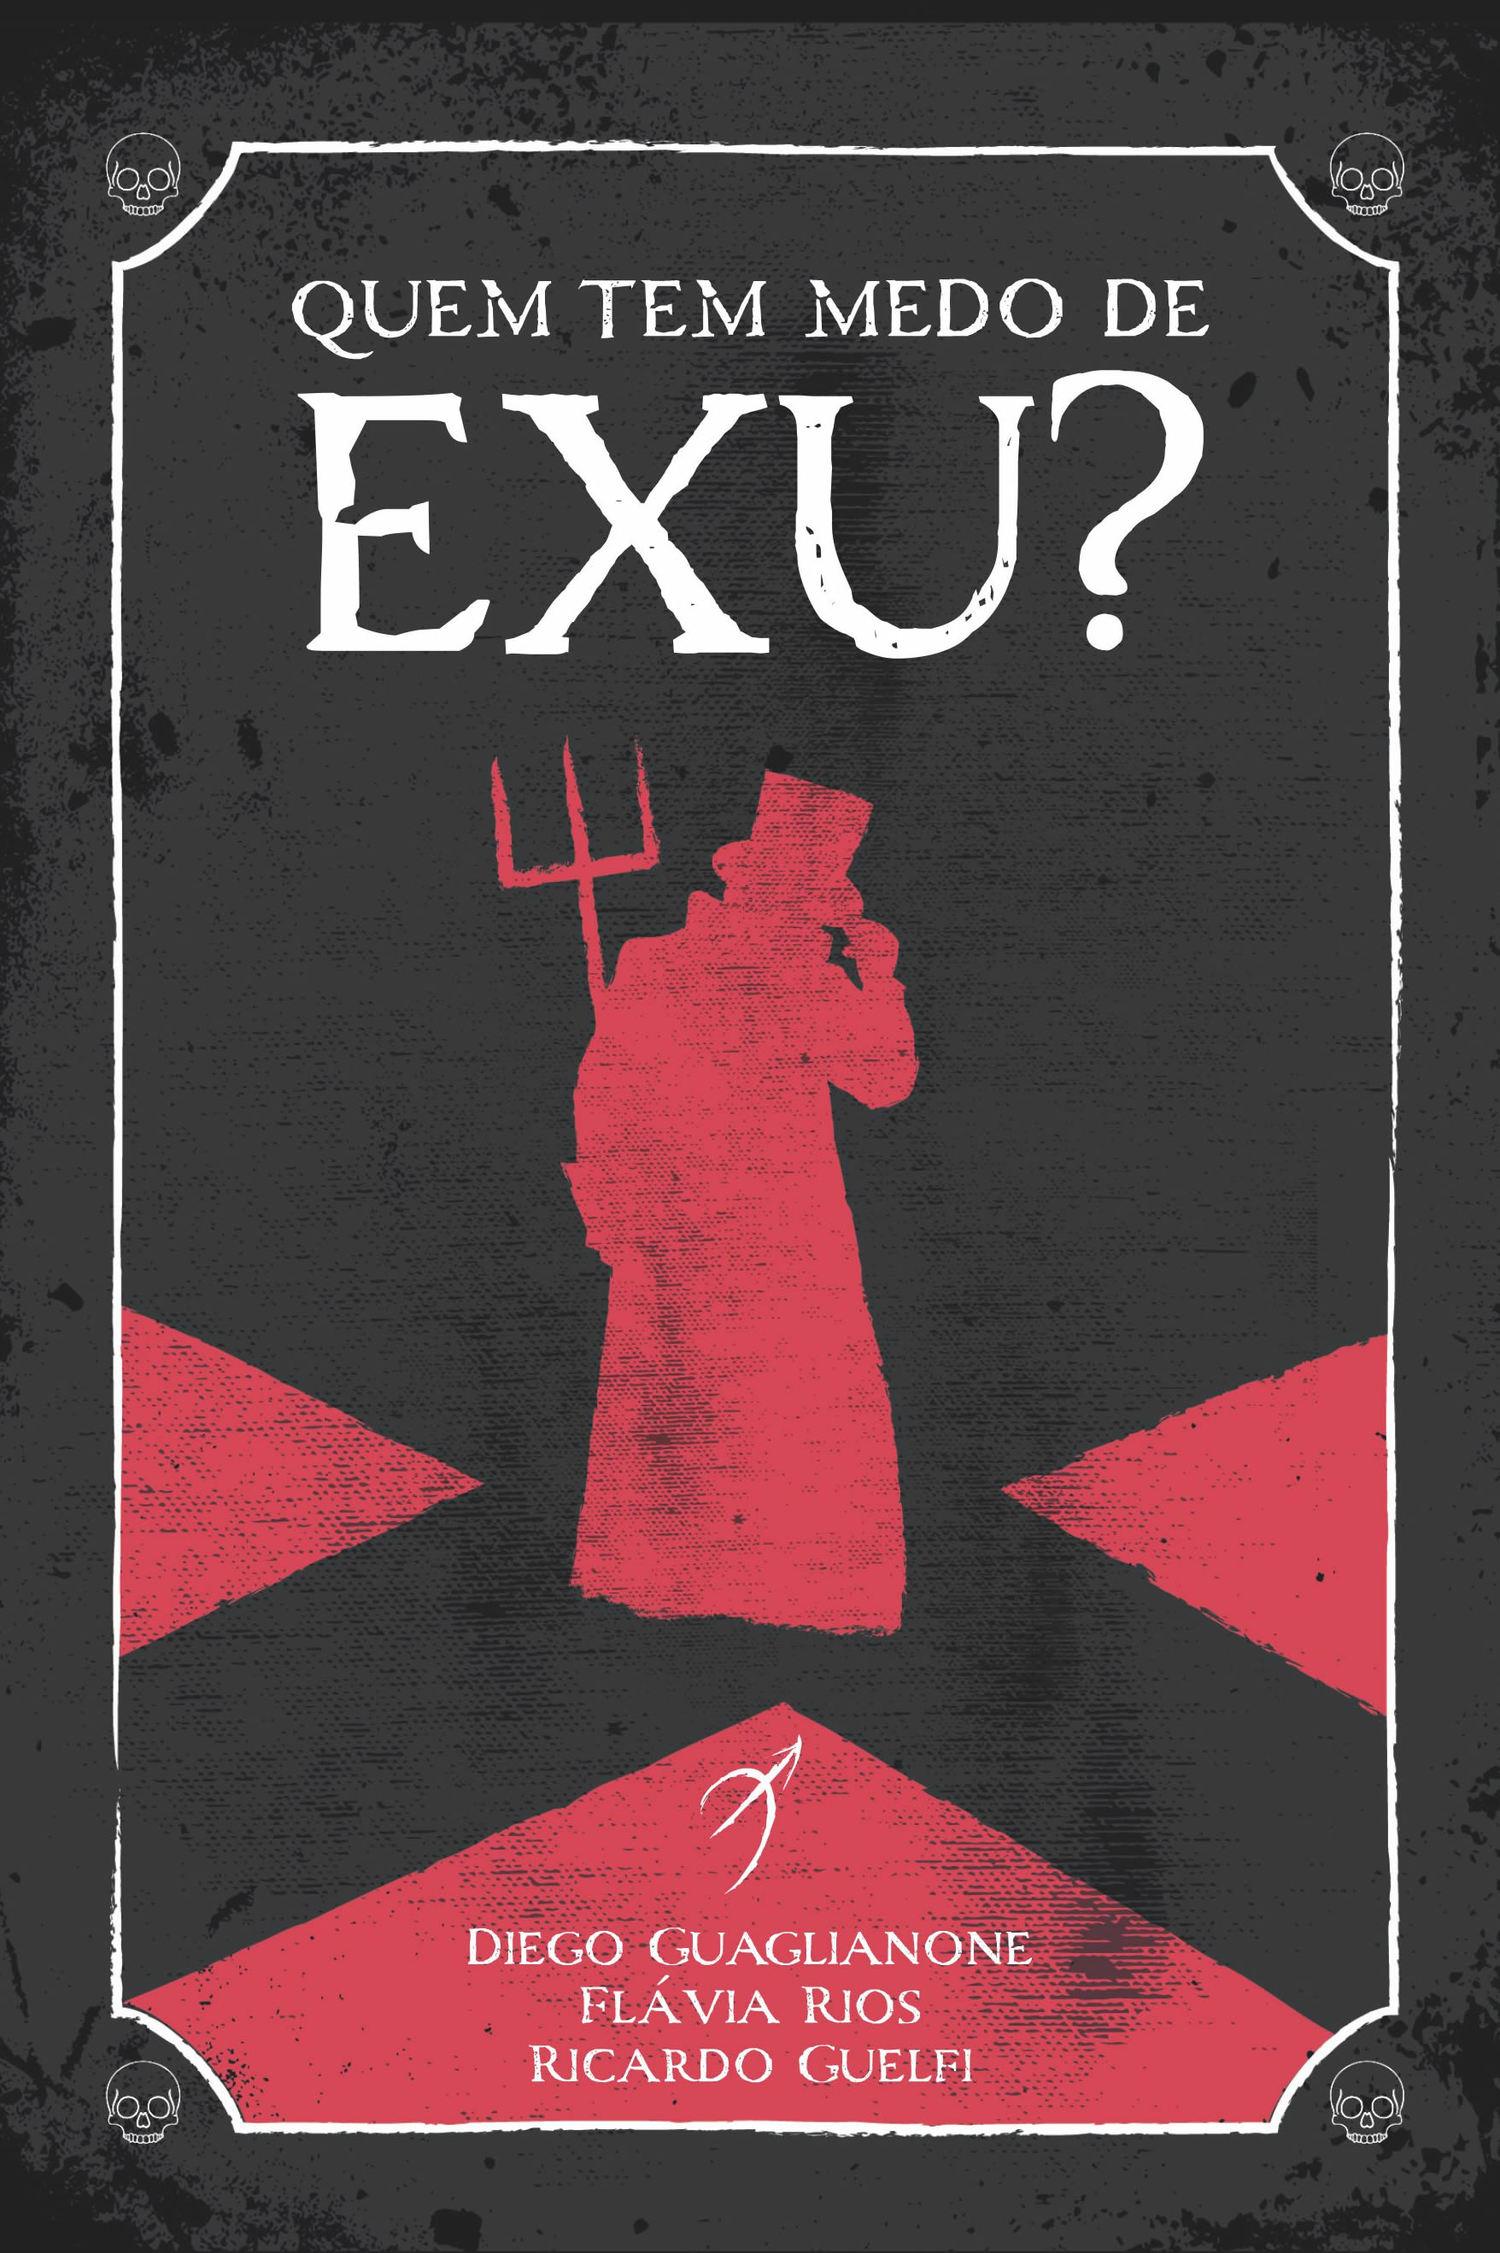 Livro  Quem tem medo de Exu?